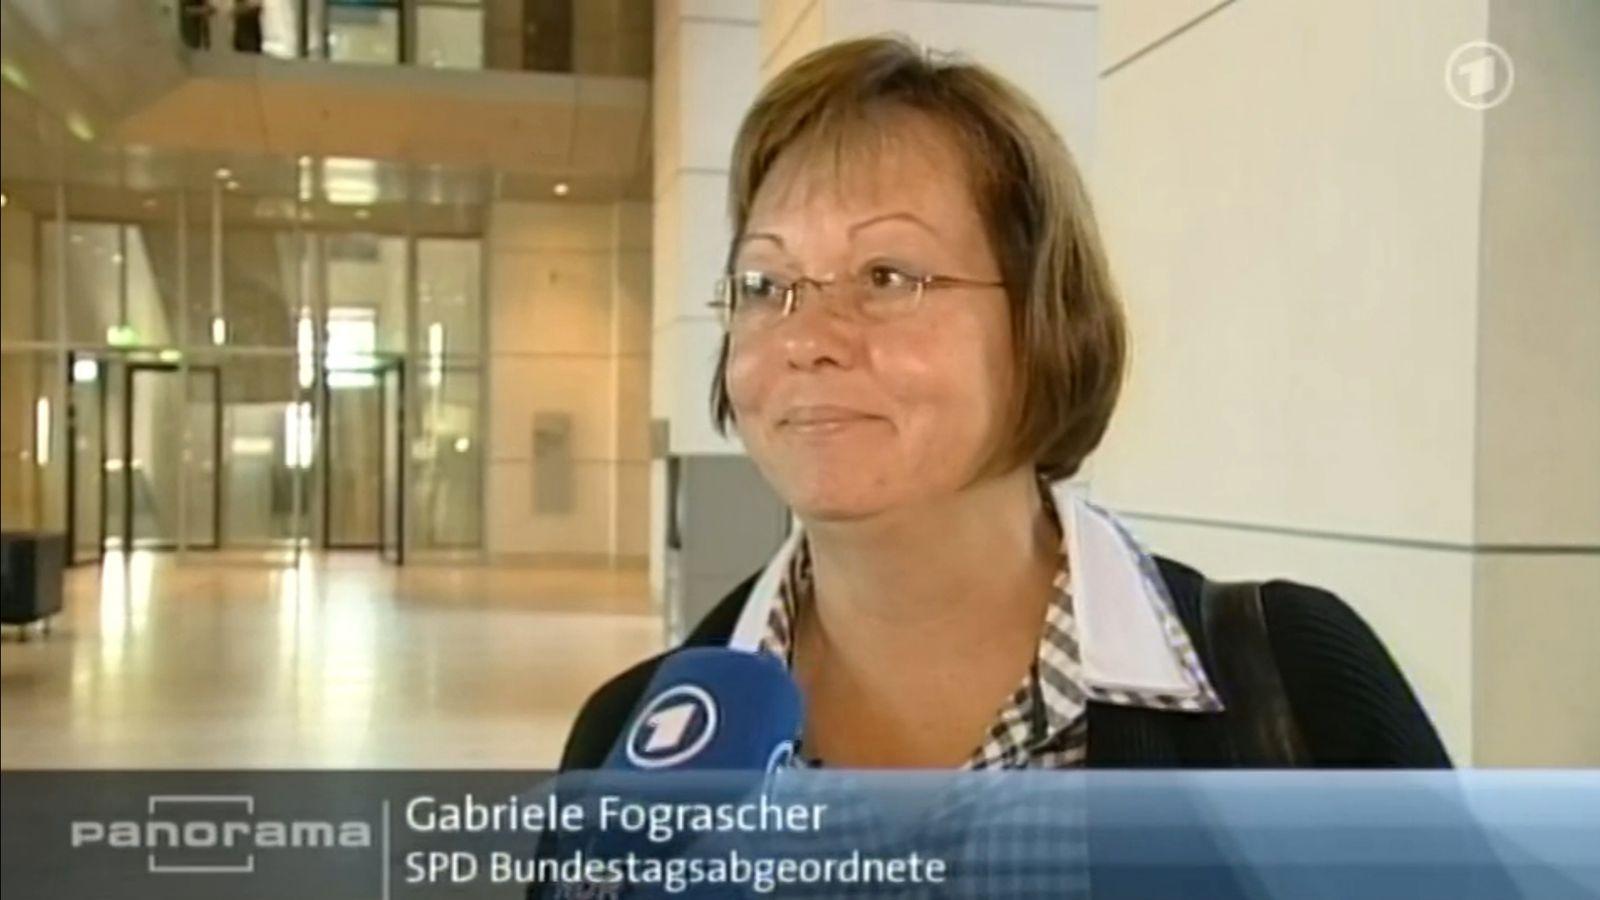 EINMALIGE VERWENDUNG NUR ALS ZITAT Panorama-Beitrag / Euro-Abstimmung 29.09.2011